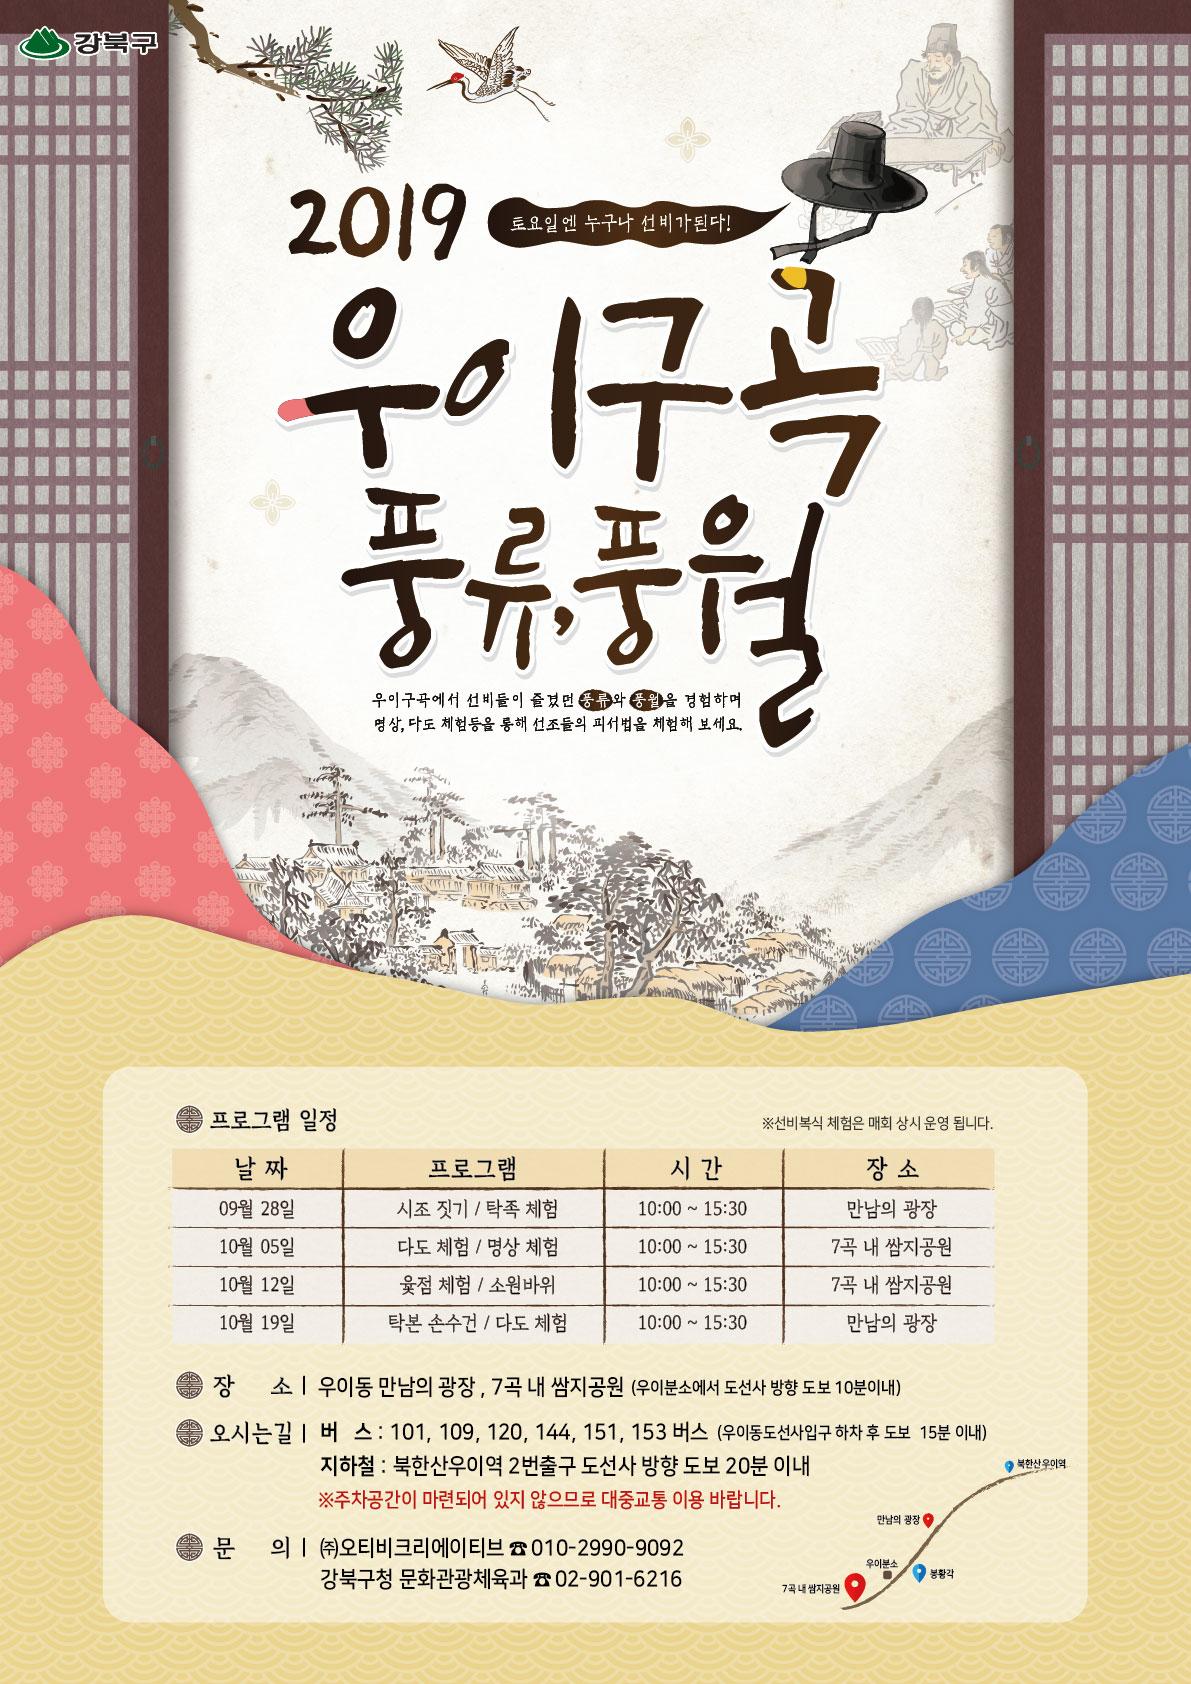 2019 우이구곡 풍류,풍월을 소개합니다^^